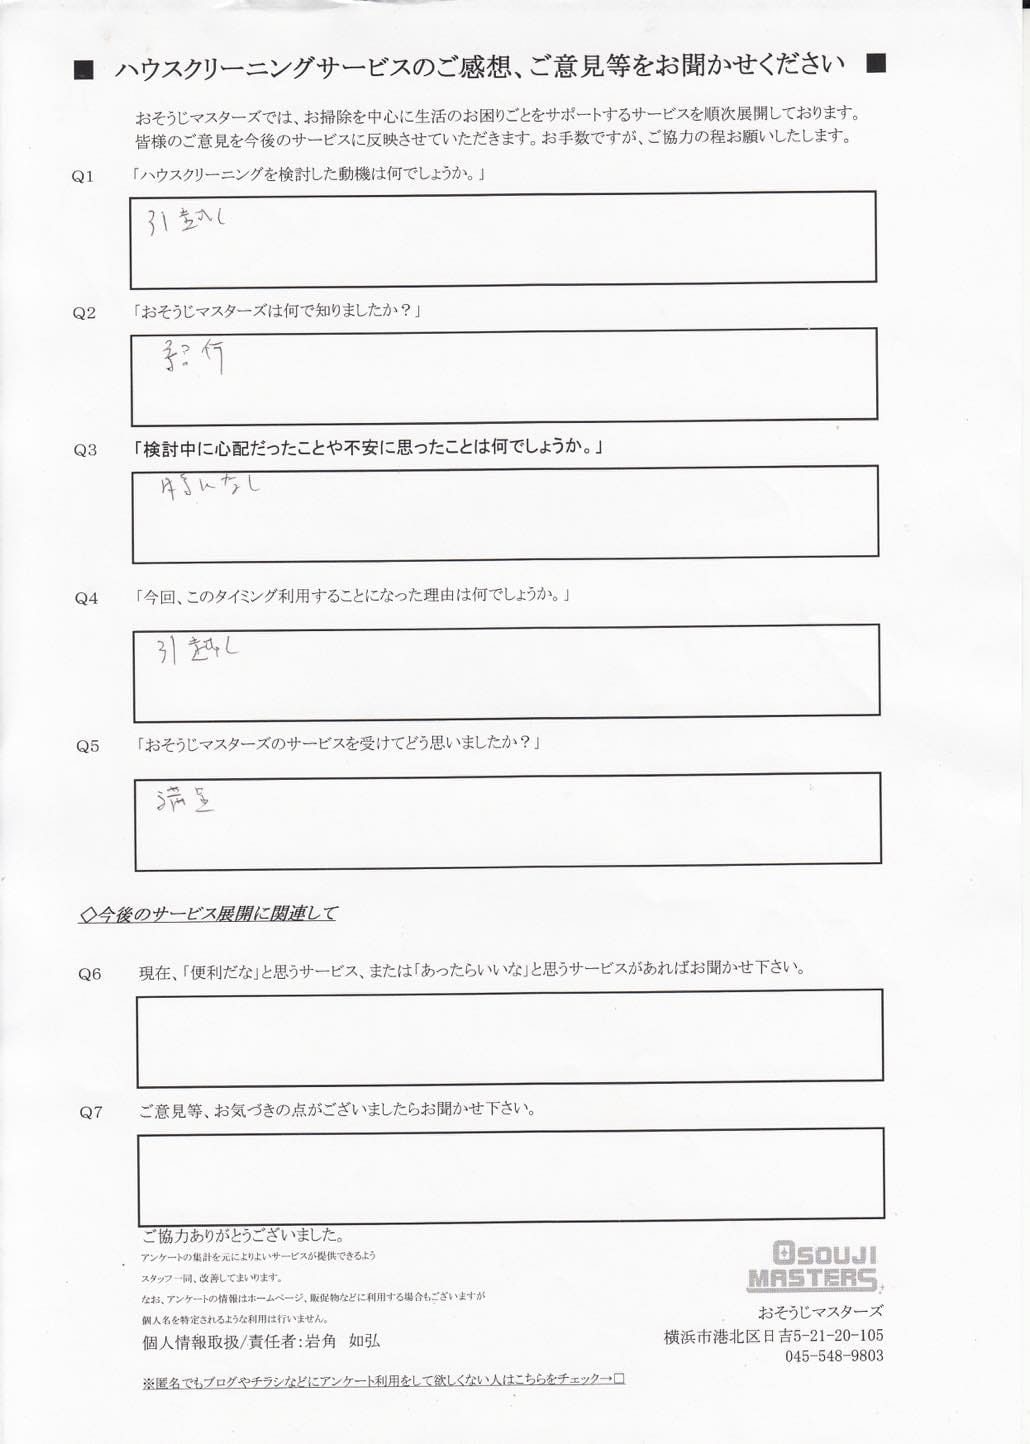 2015/07/18 全体クリーニング 【東京都板橋区】